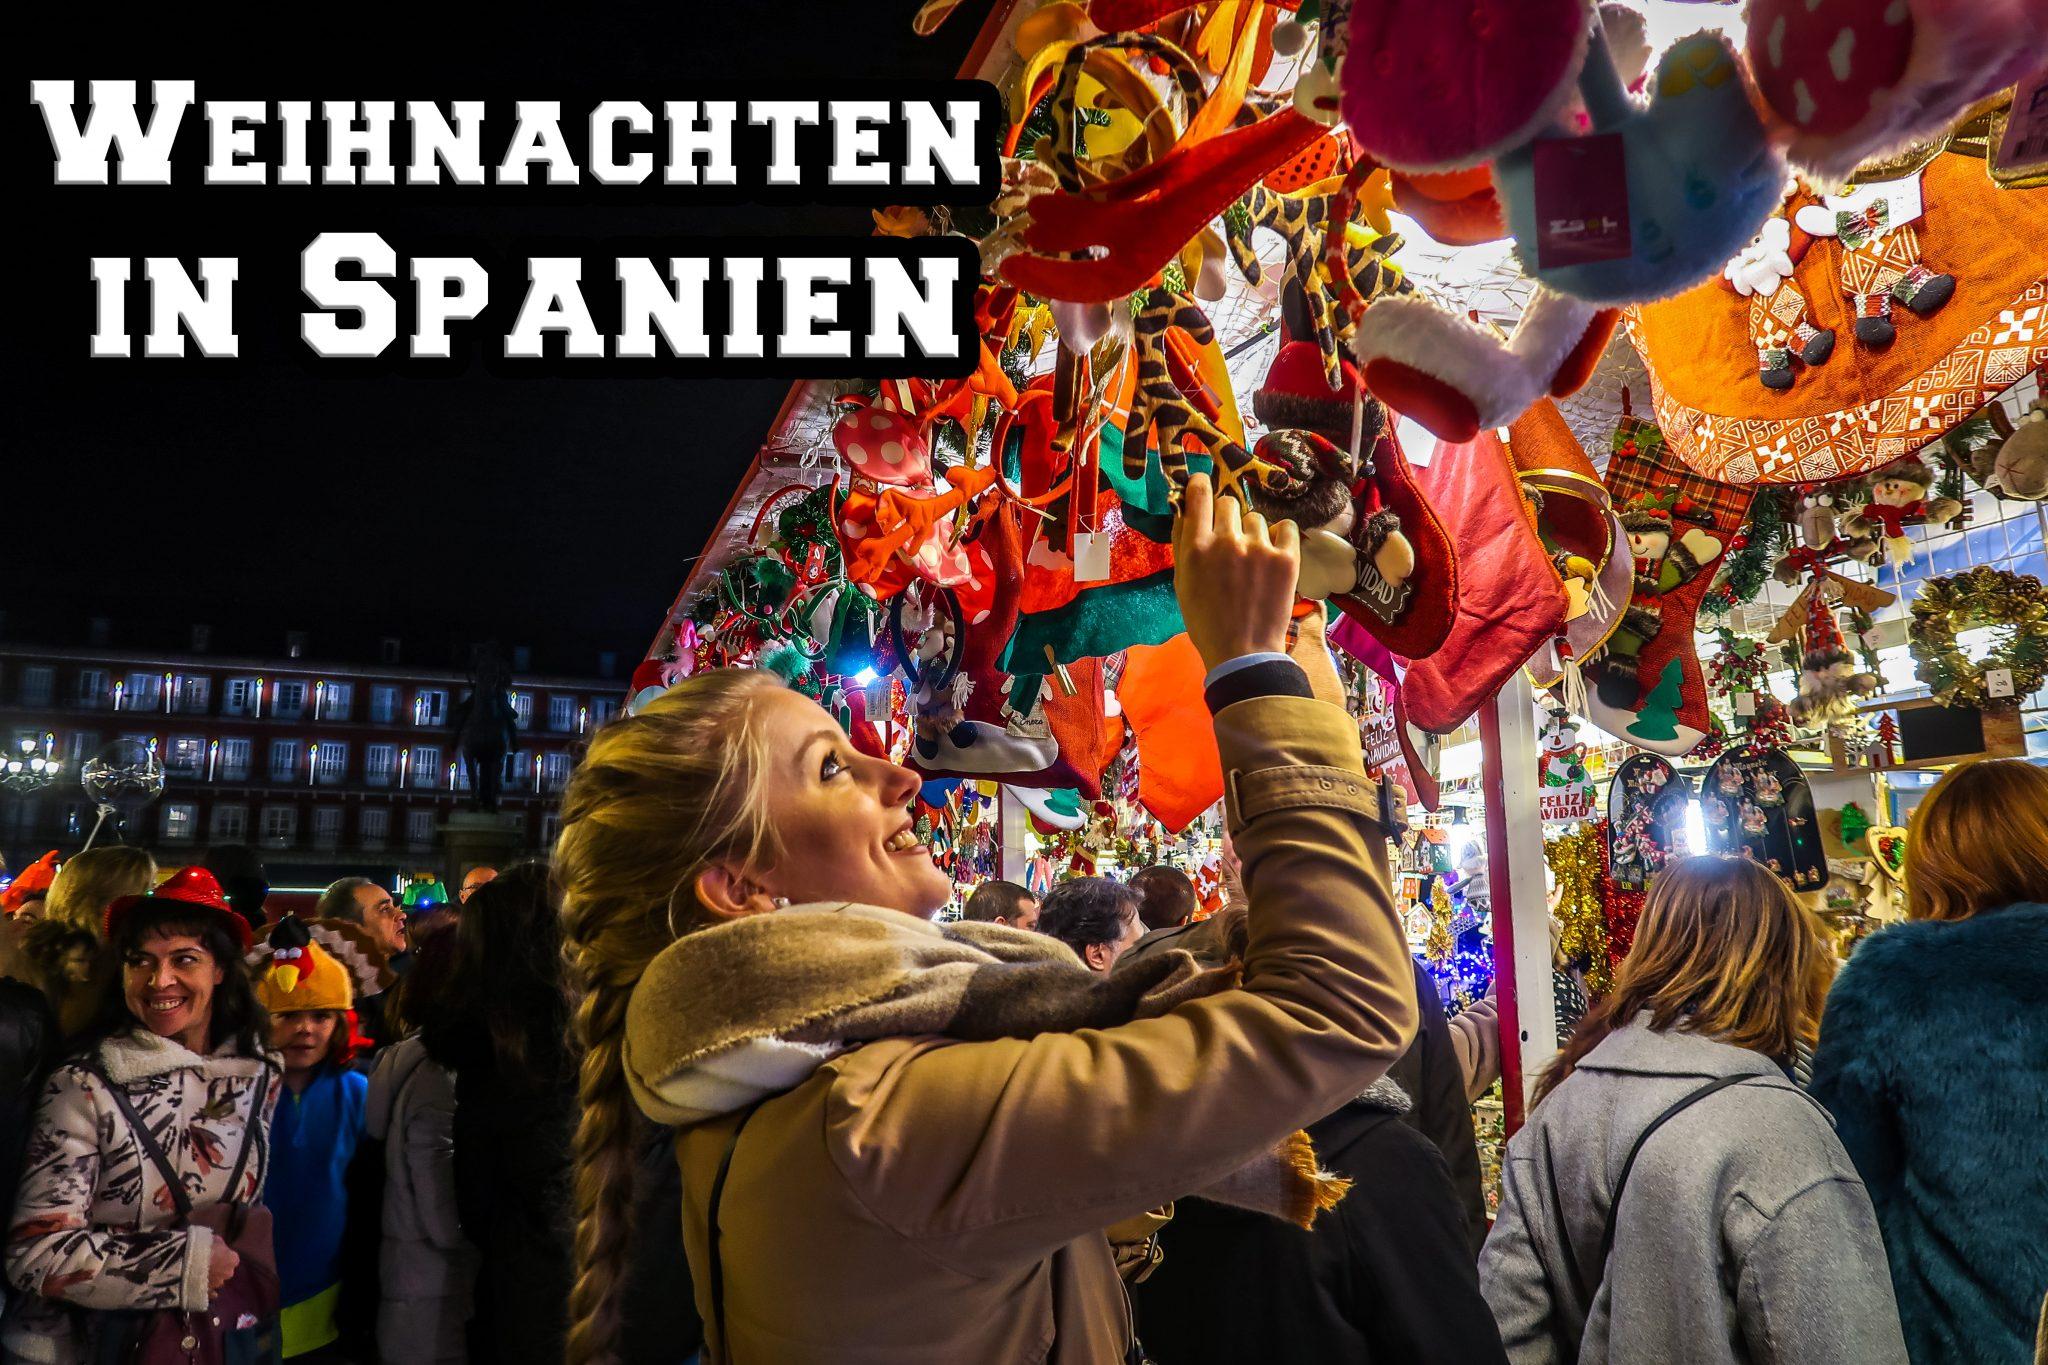 Weihnachten In Spanien Traditionen Brauche Und Unterschiede Nessi S World